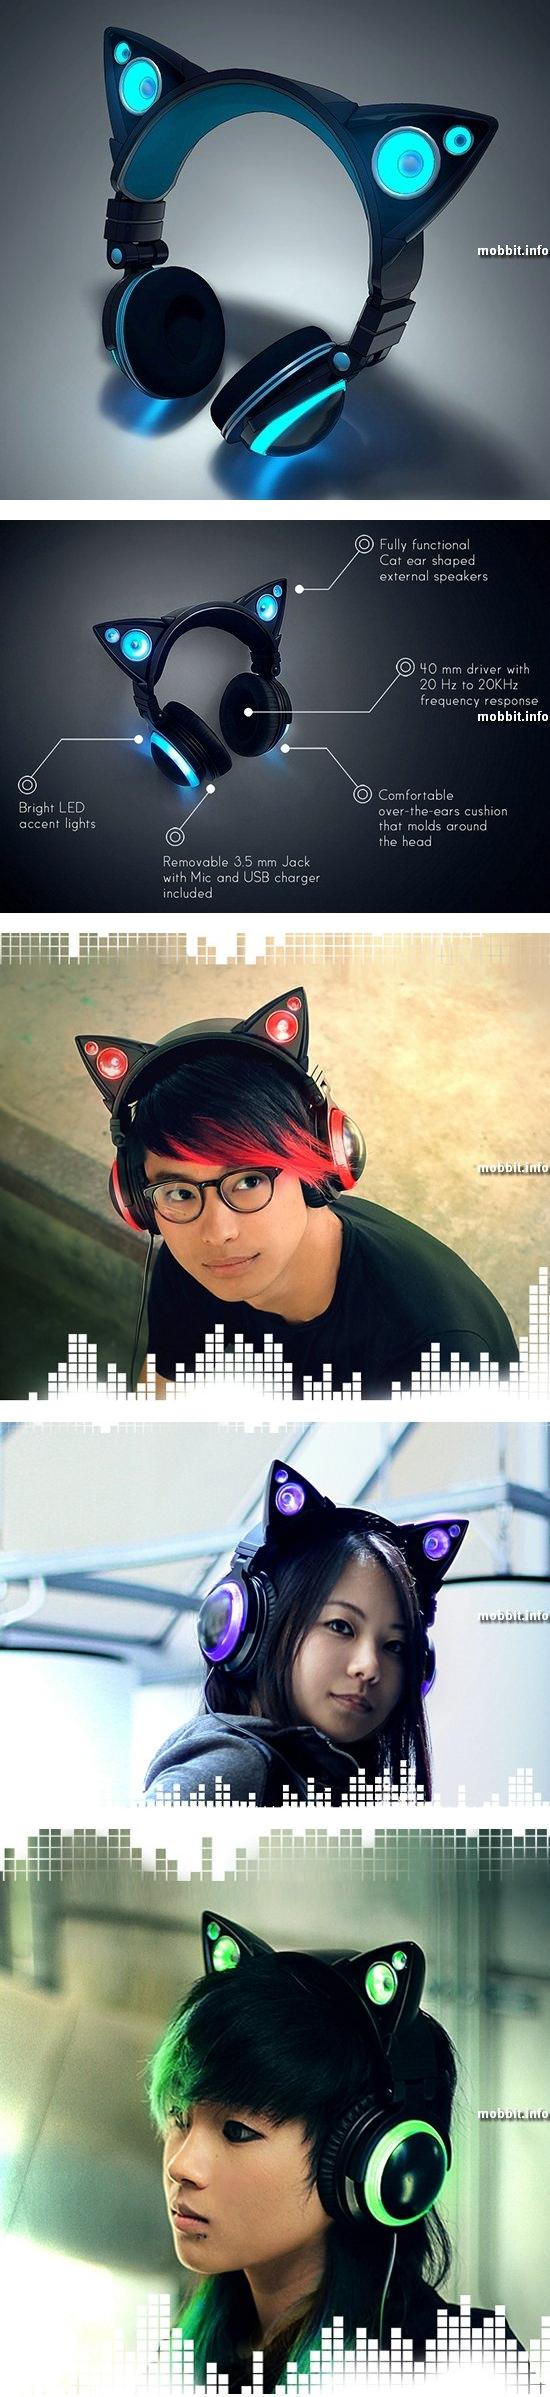 Axent Wear Cat Ear